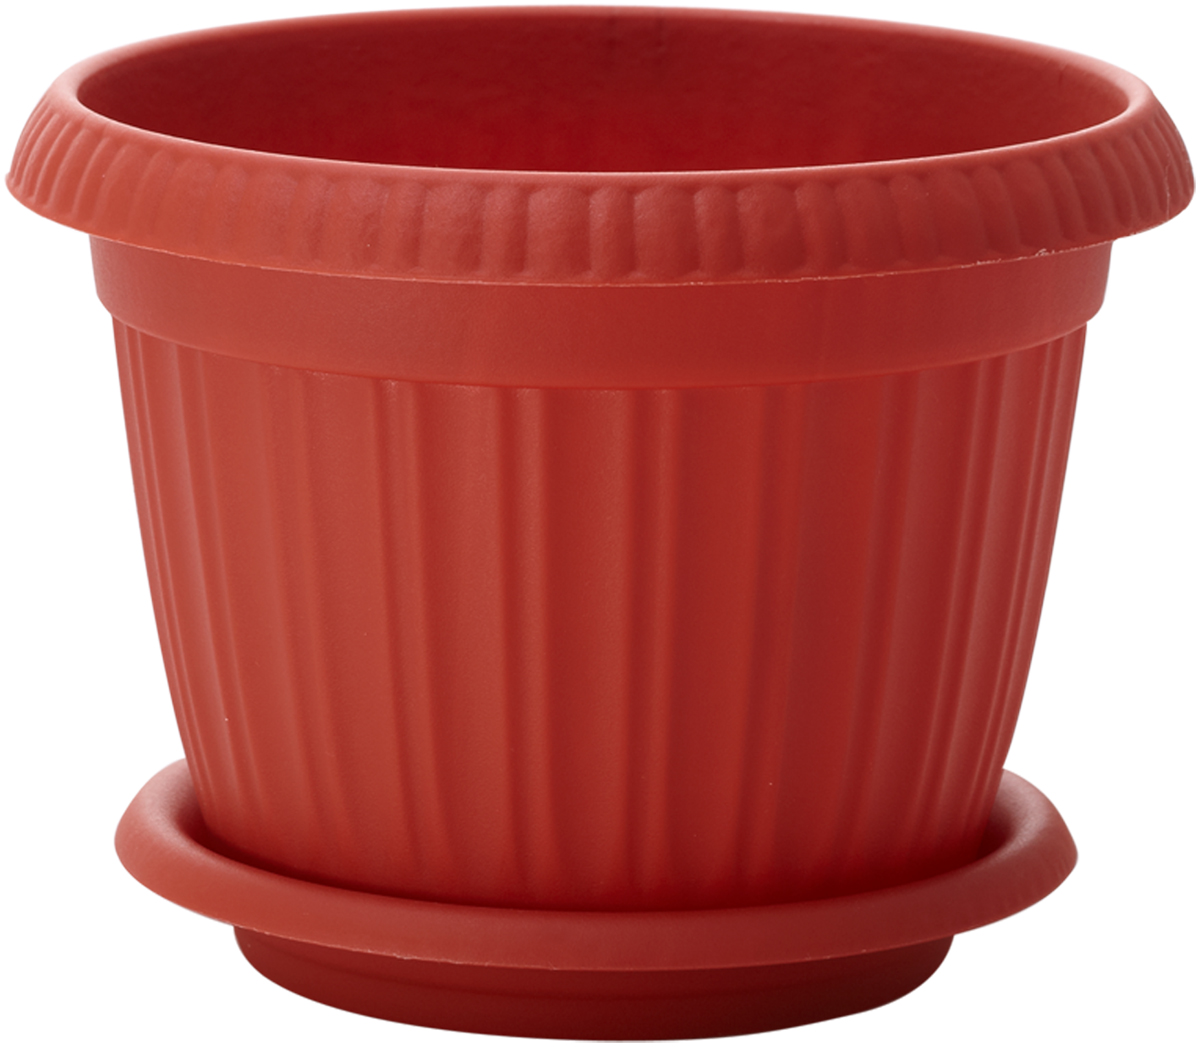 Горшок для цветов InGreen Таити, с подставкой, диаметр 20 см. ING41020FТРZ-0307Горшок InGreen Таити выполнен из высококачественного полипропилена (пластика) и предназначен для выращивания цветов, растений и трав. Снабжен подставкой для стока воды.Такой горшок порадует вас функциональностью, а благодаря лаконичному дизайну впишется в любой интерьер помещения.Диаметр горшка (по верхнему краю): 20 см. Высота горшка: 15,5 см. Диаметр подставки: 16 см.